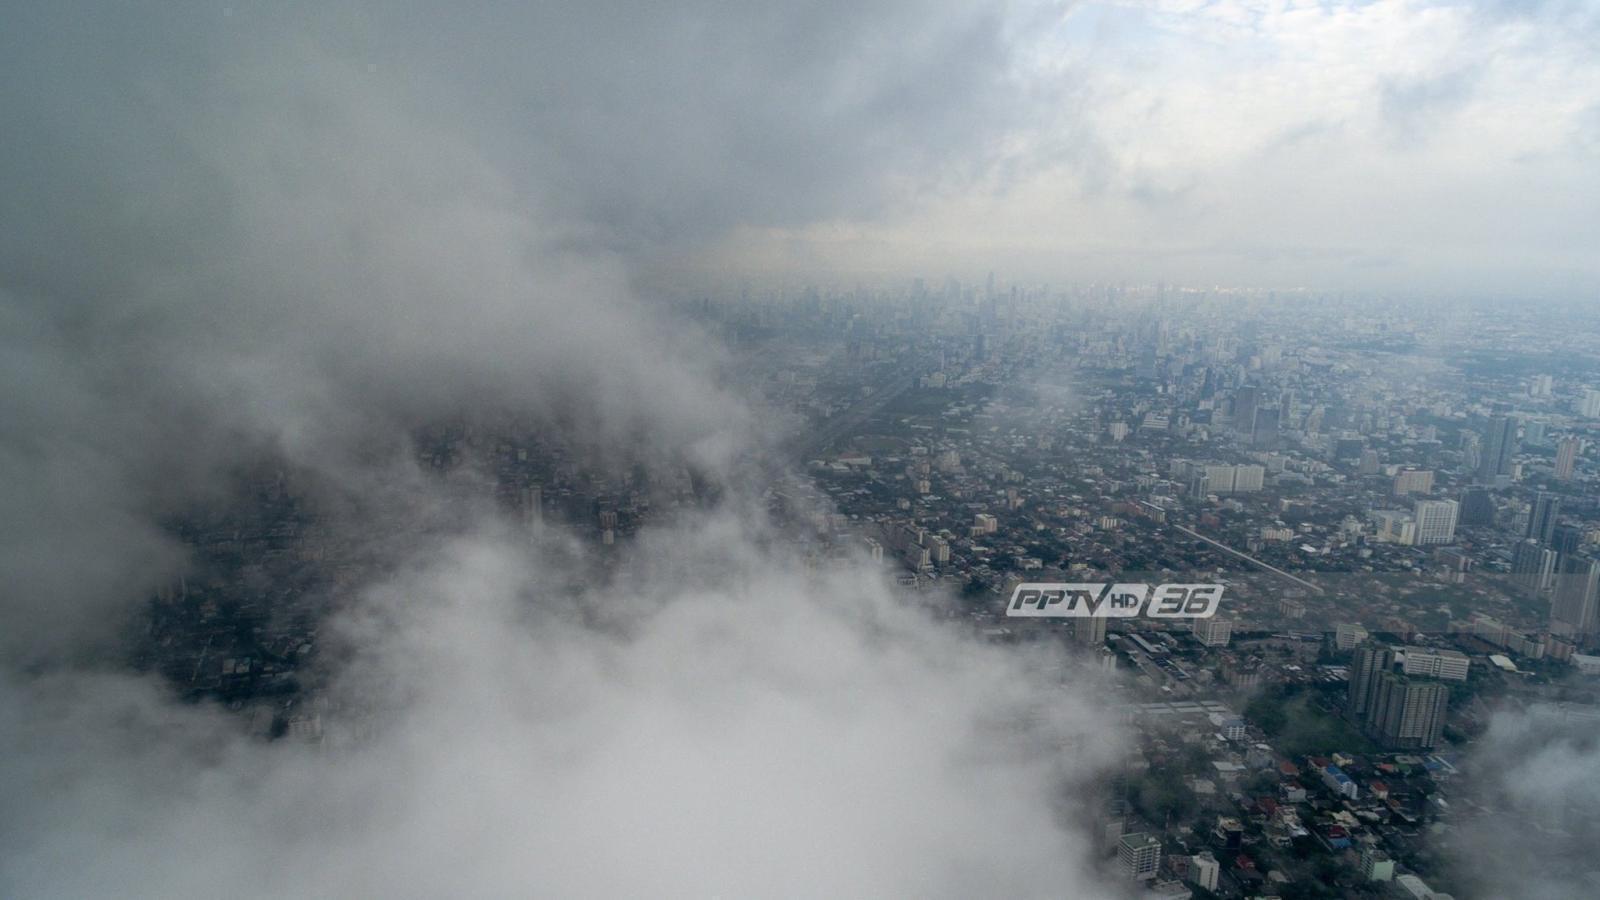 อุตุฯเตือน พายุฤดูร้อน 26-28 เม.ย. นี้